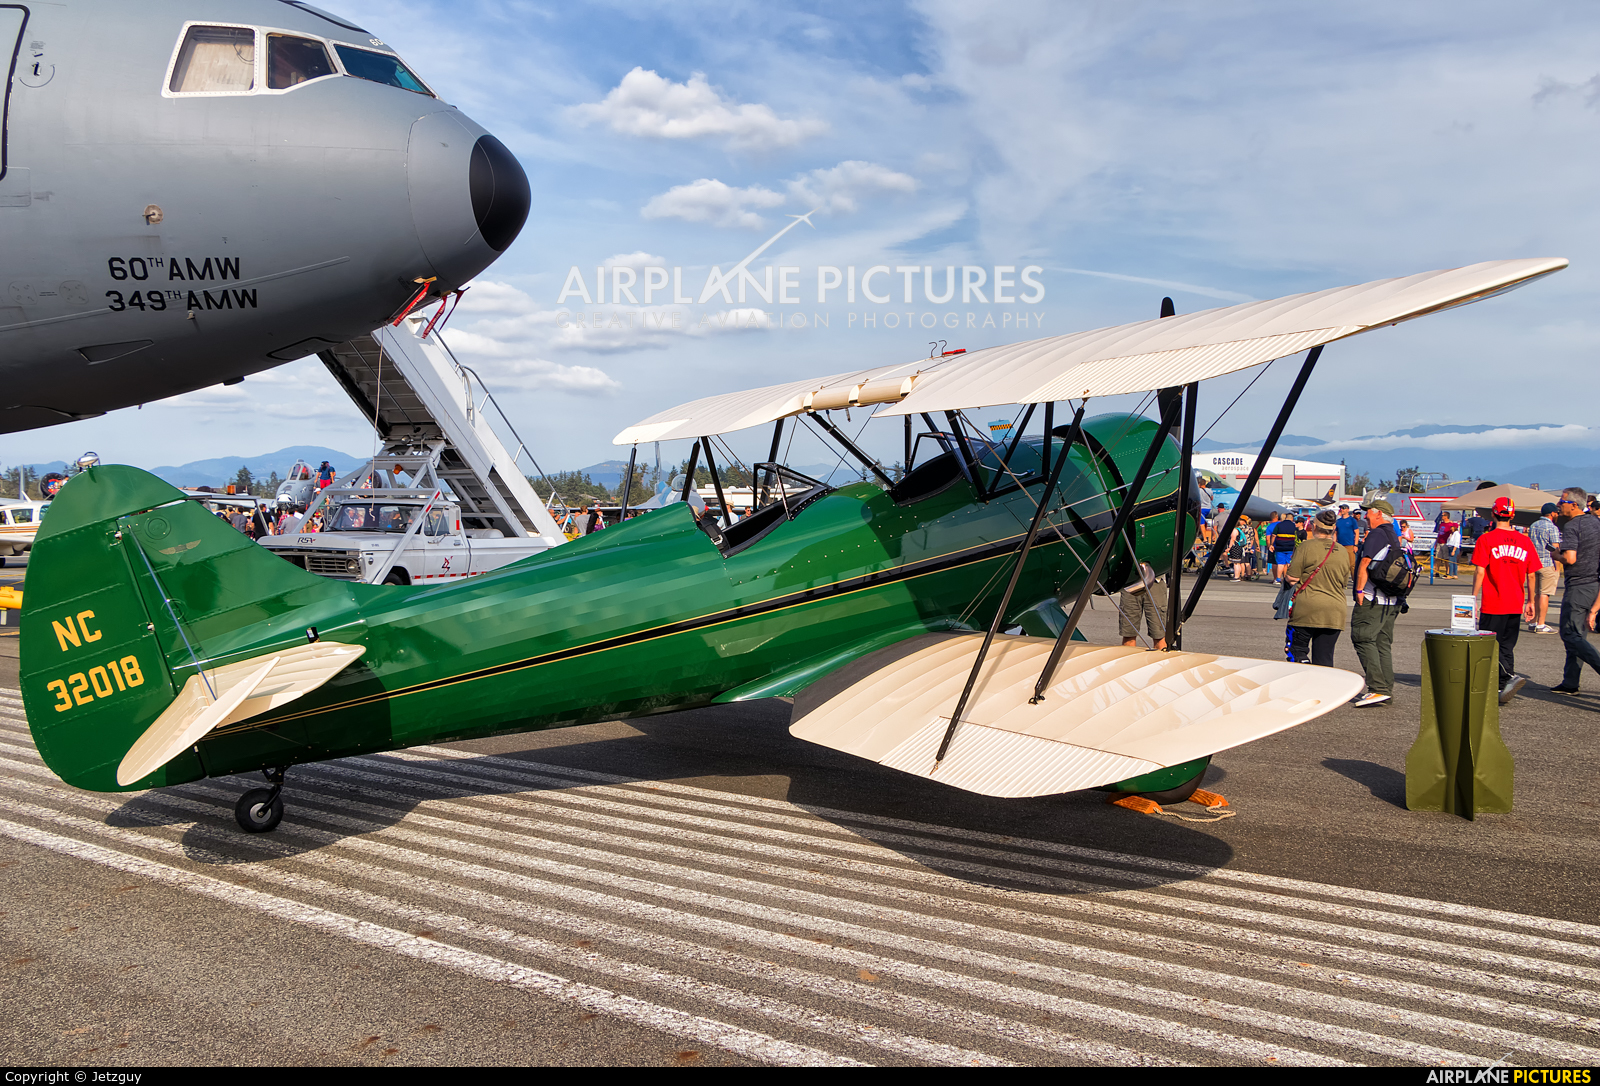 Private NC32018 aircraft at Abbotsford, BC